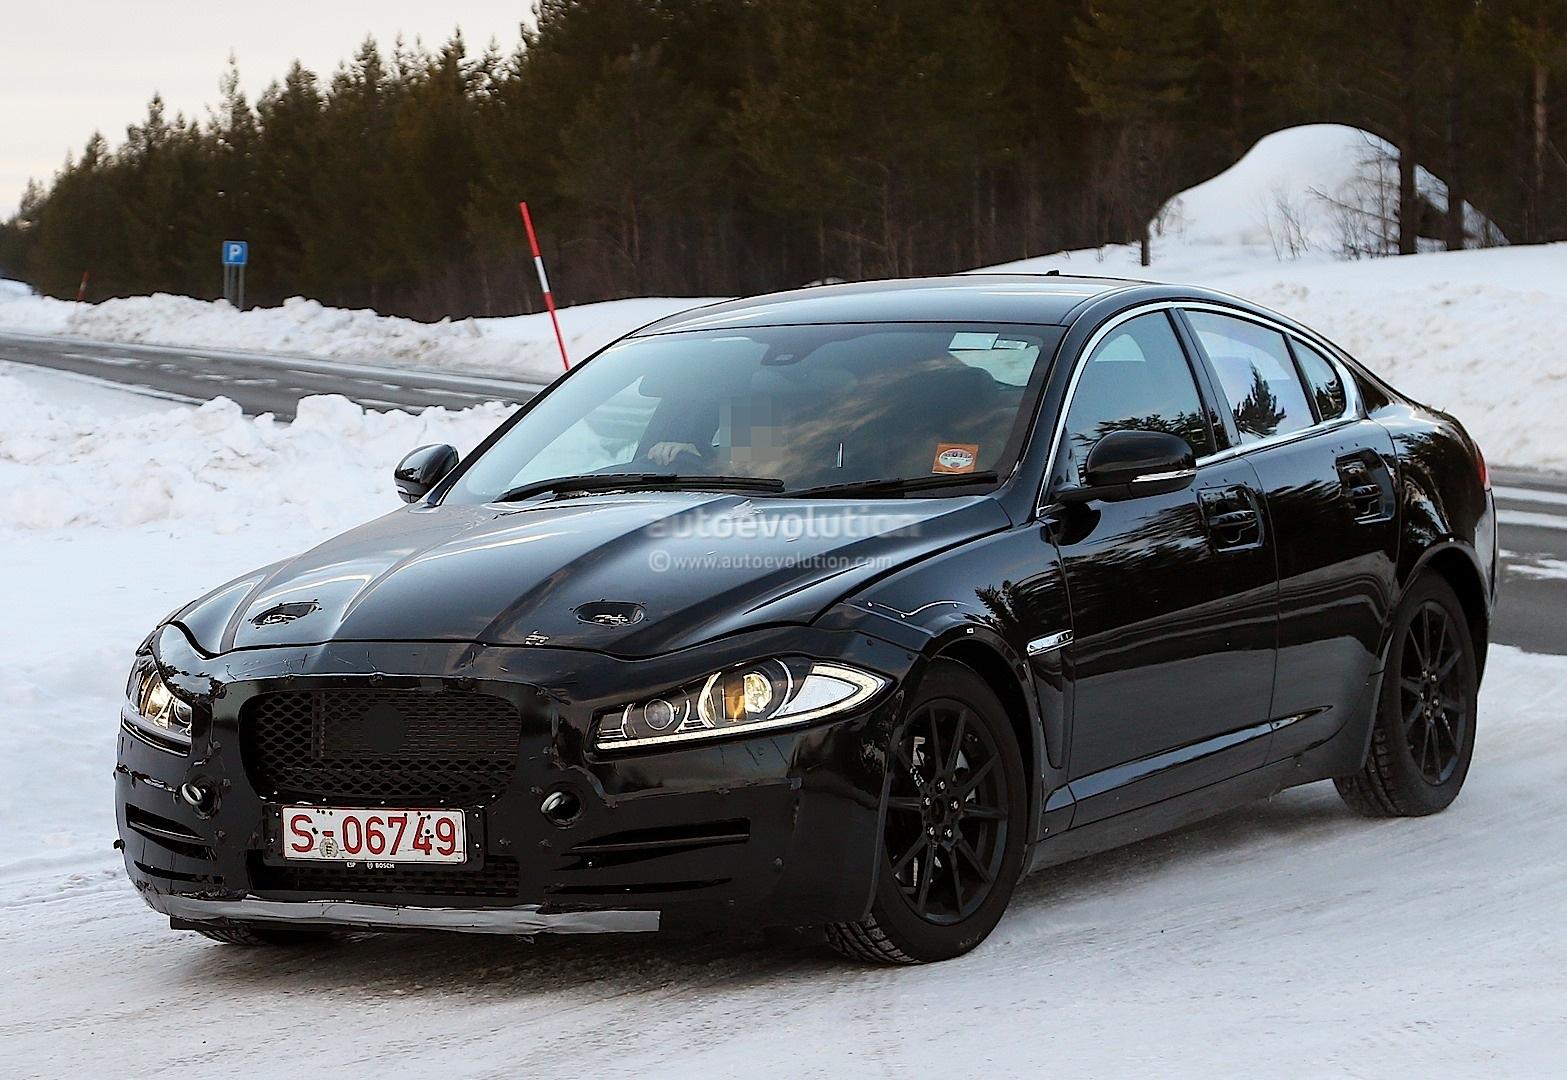 2014 - [Jaguar] XE [X760] - Page 2 Spyshots-jaguar-xs-mule-the-bmw-3-series-rival-emerges-1080p-3